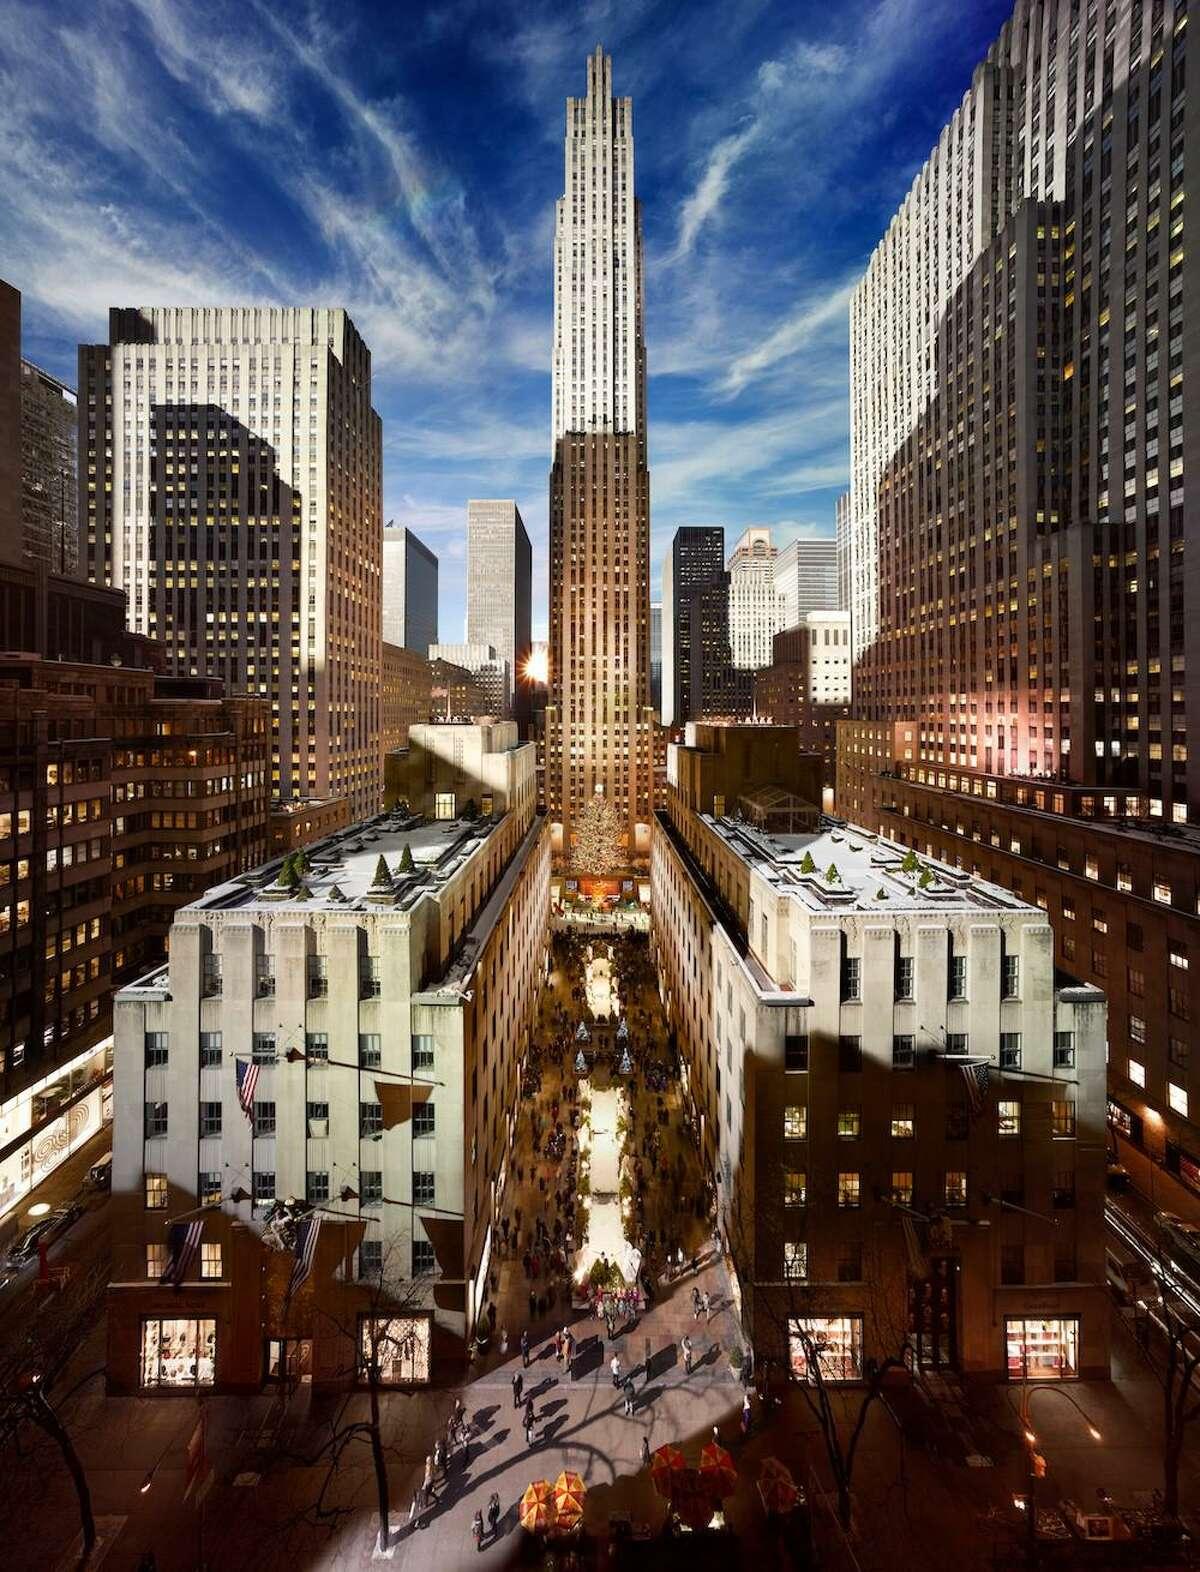 Stephen Wilkes, Rockefeller Center Day to Night.